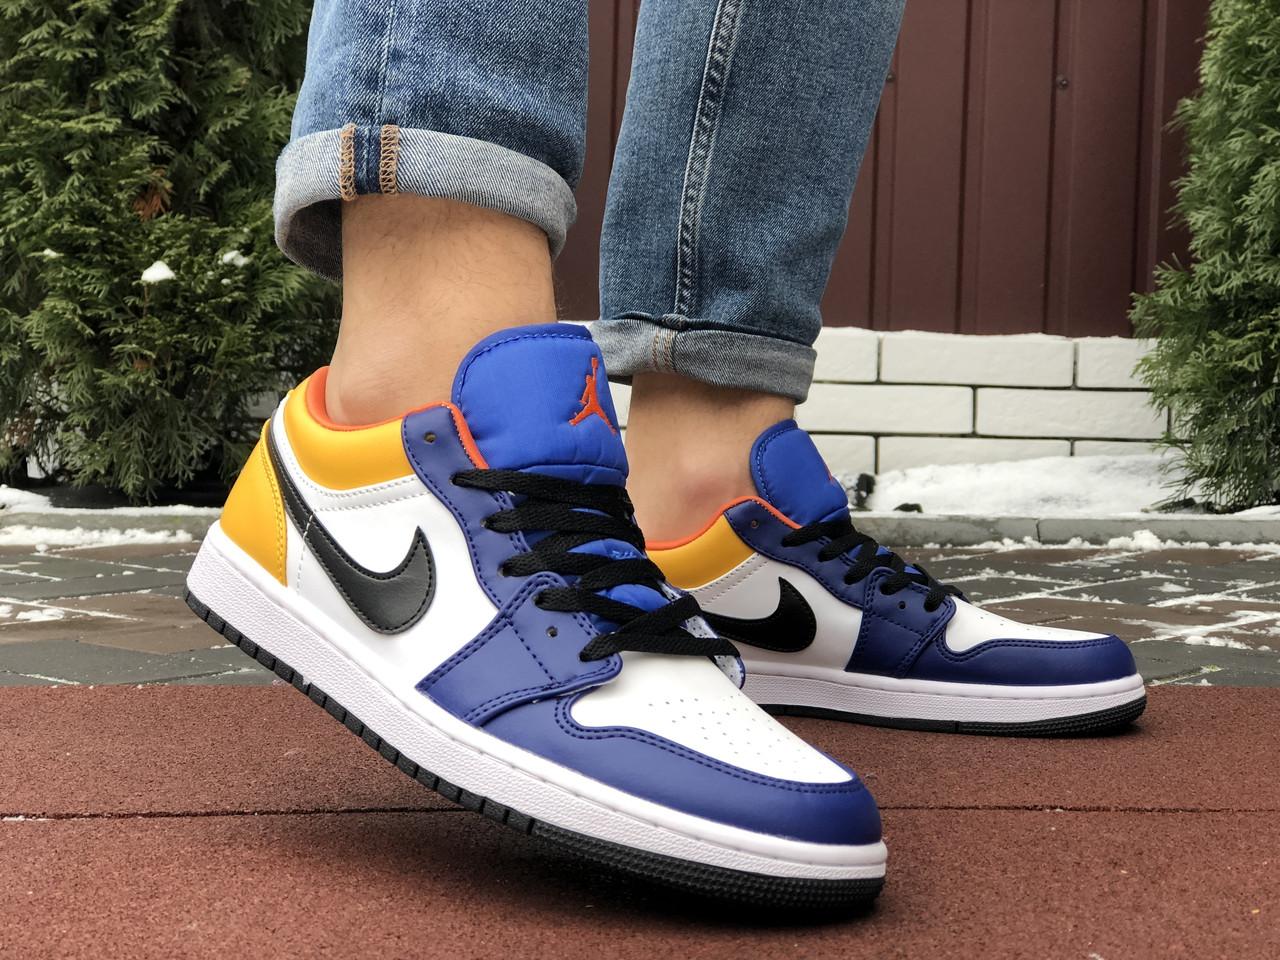 Чоловічі кросівки Nike Air Jordan 1 Low , білі з жовтим/сині/ чоловічі кросівки Найк (Топ репліка ААА+)